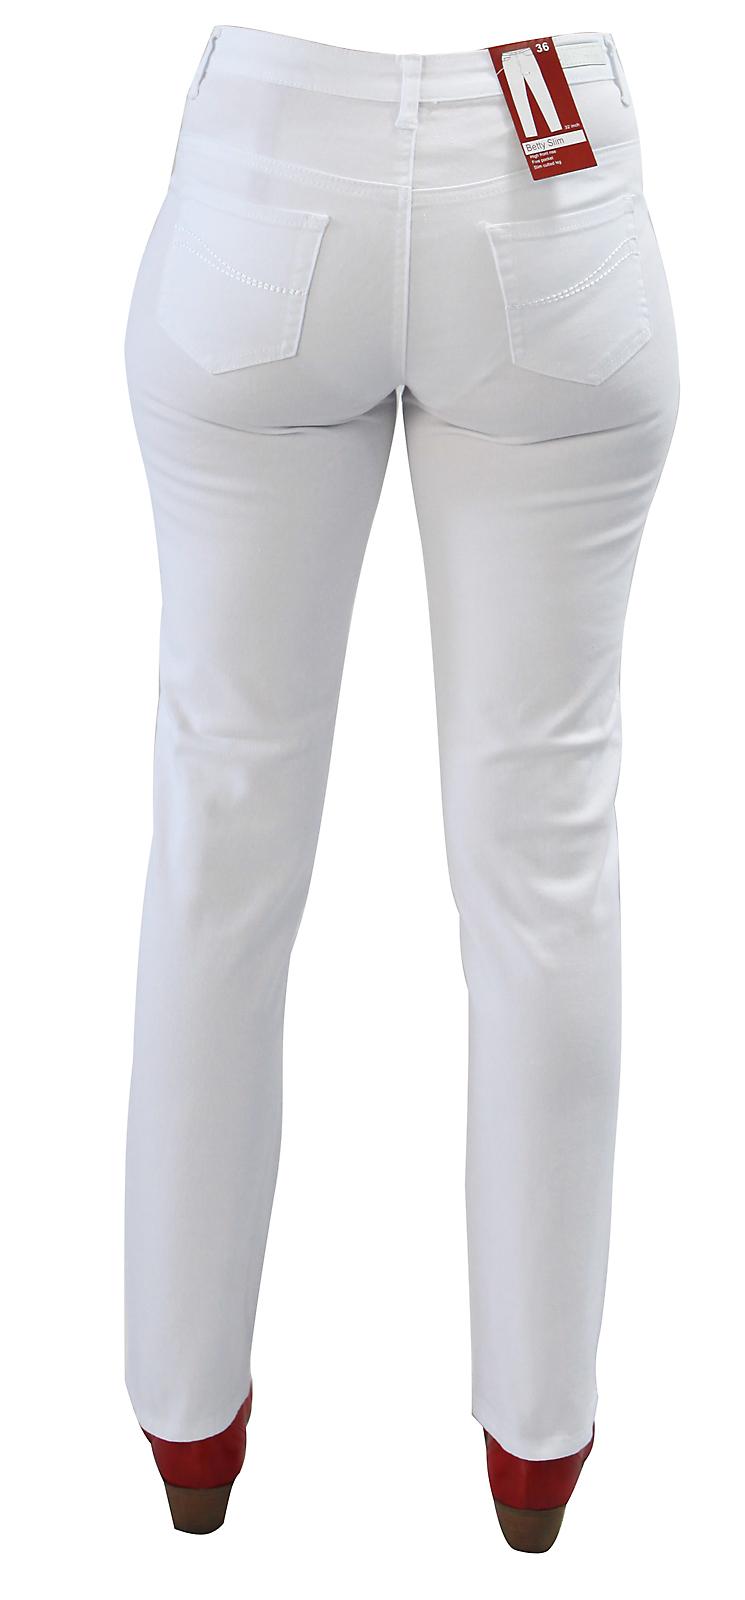 Details zu Damen Hose weiß Passform Betty Damenhose Stretch Arzt Klinik Krankenschwester